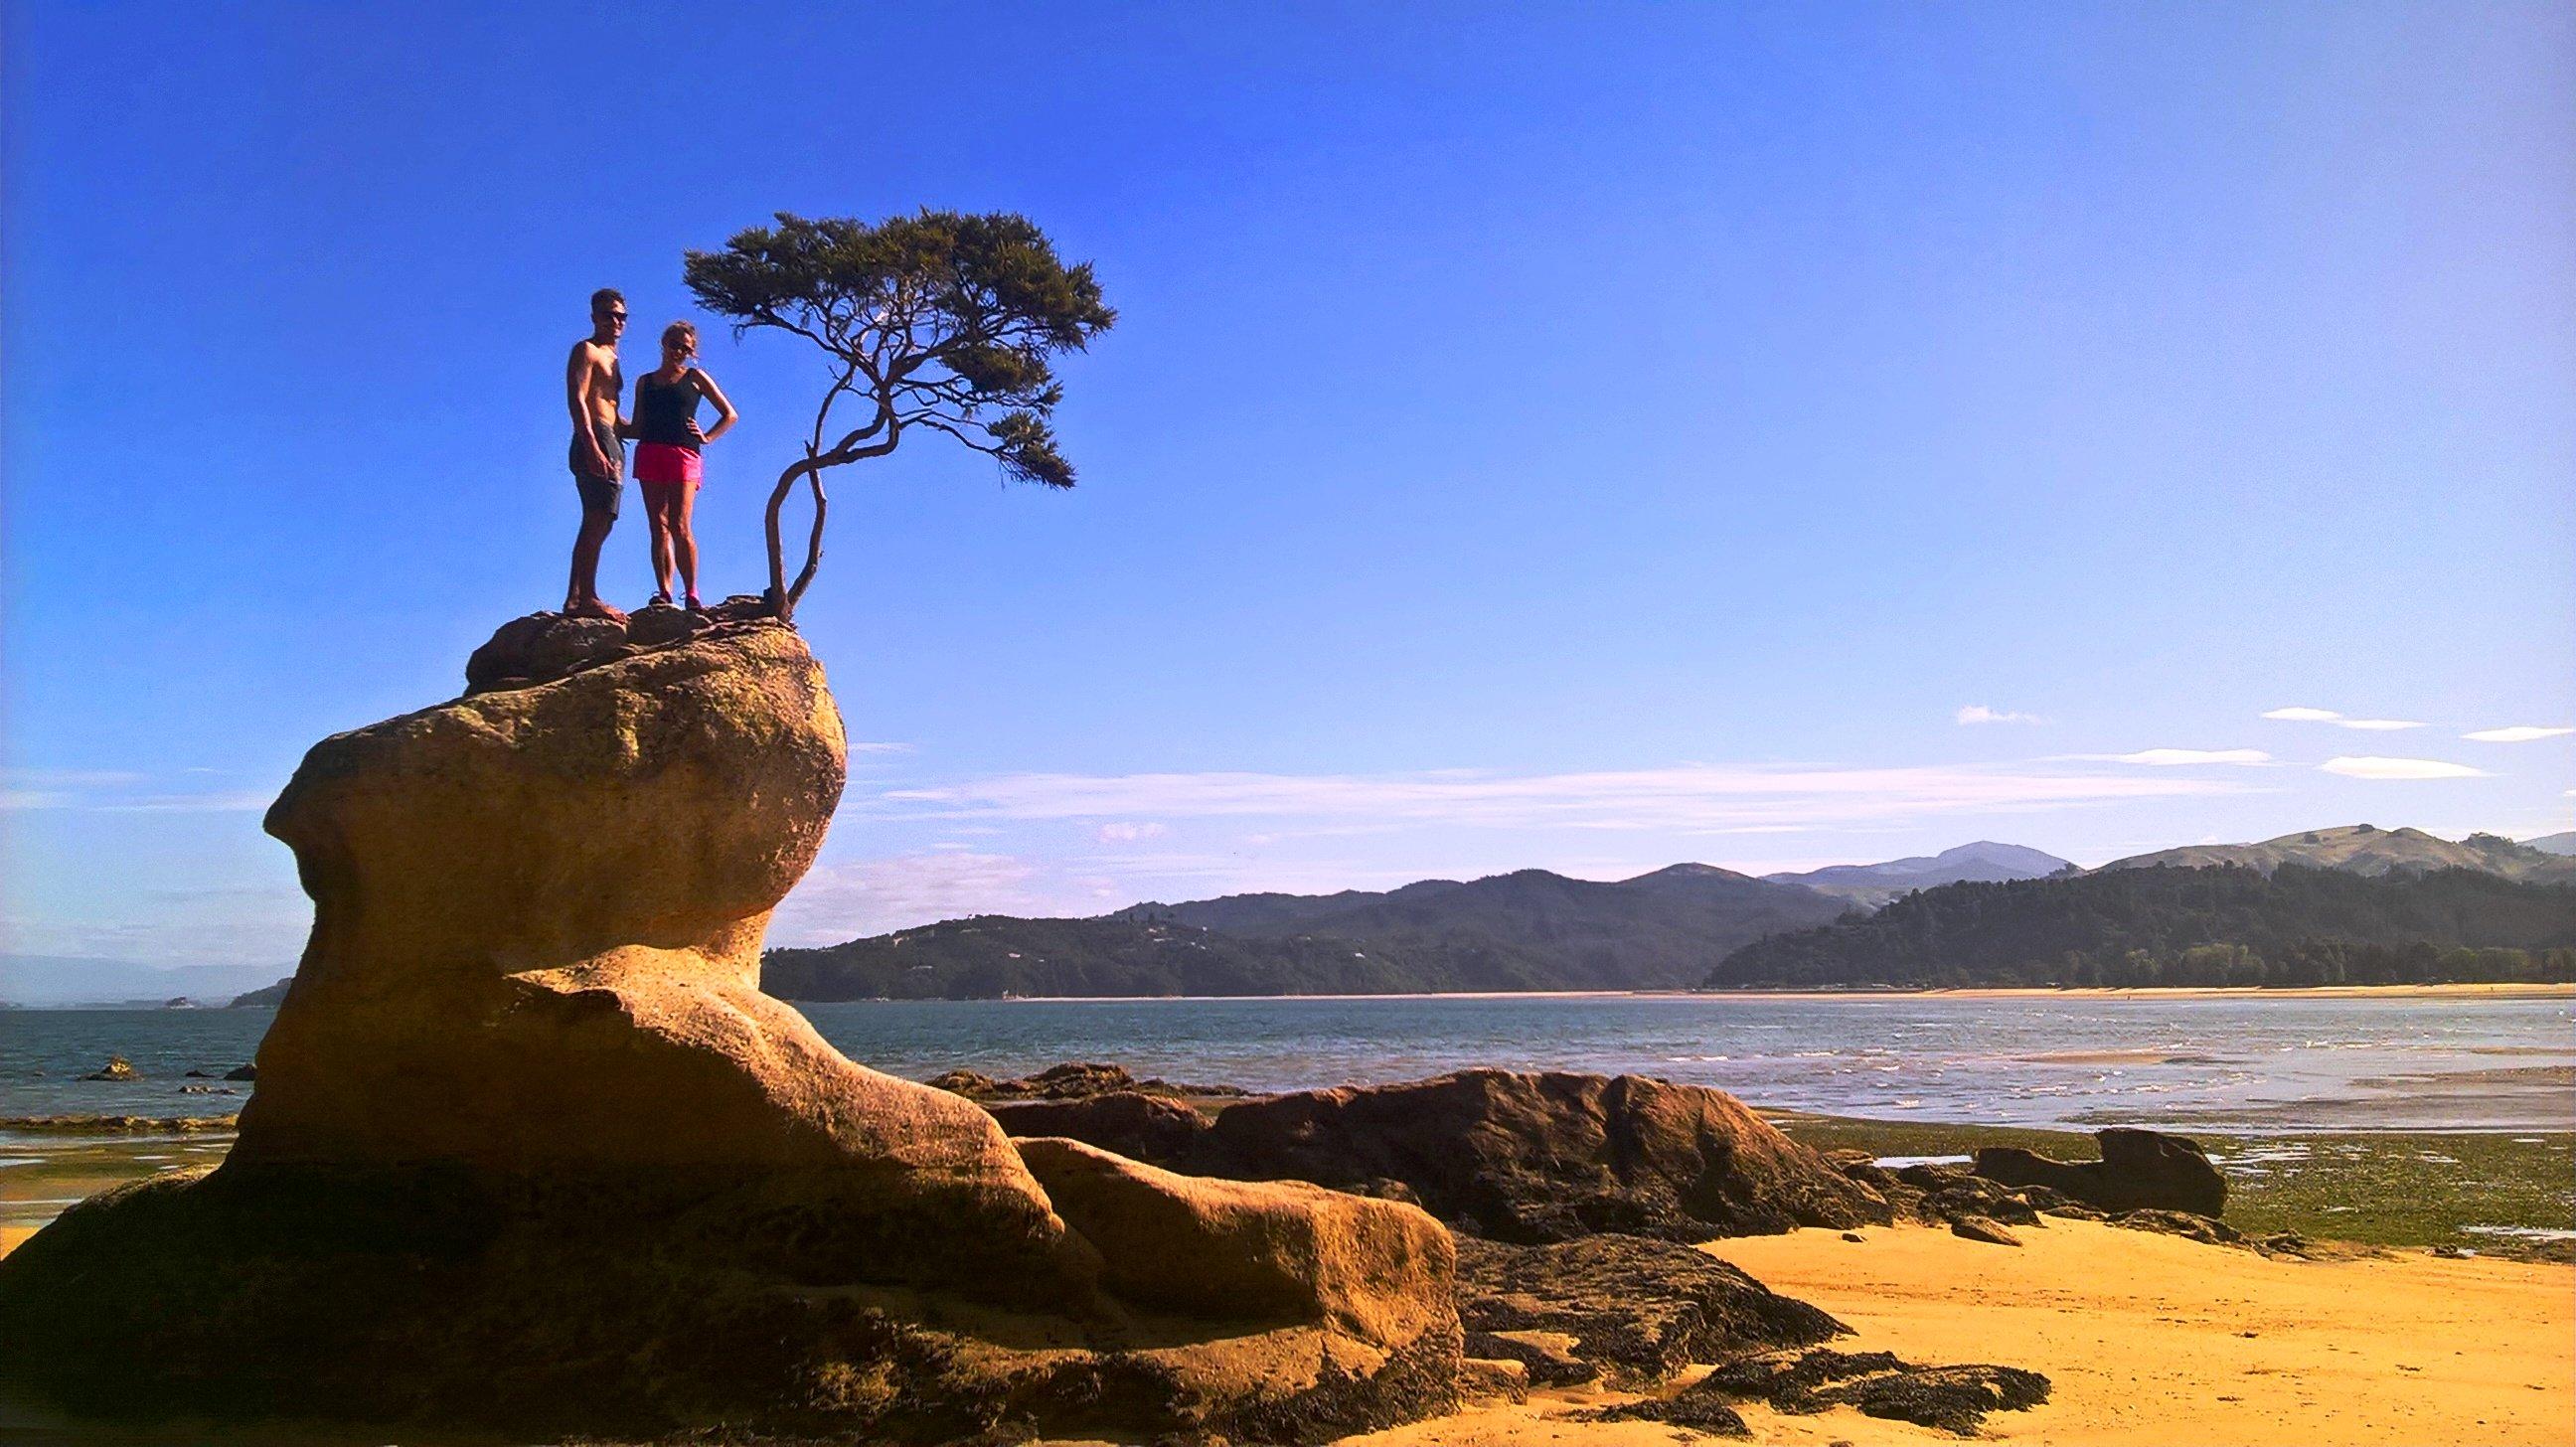 Hiking in Abel Tasman National Park